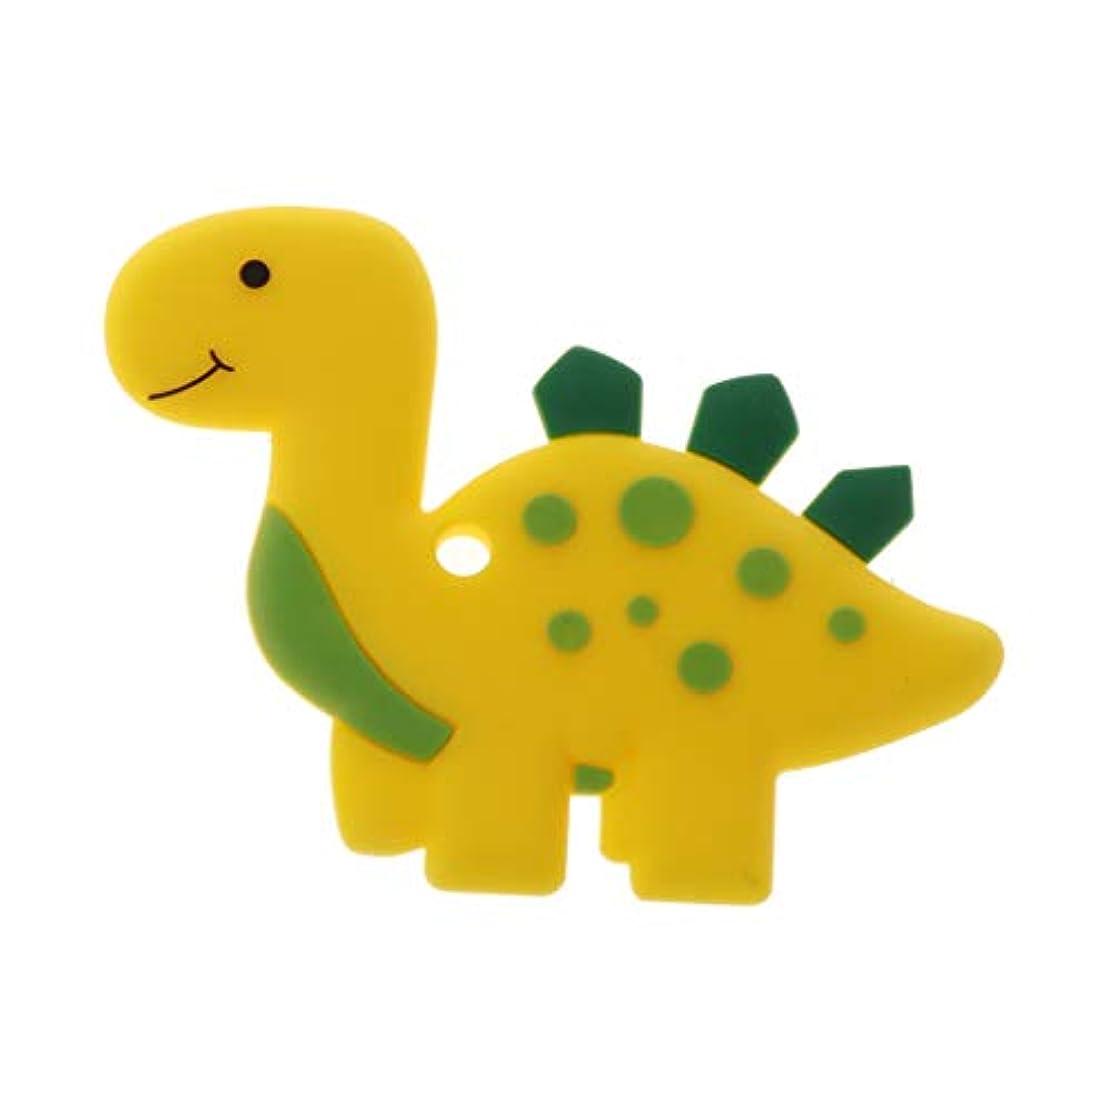 定常割合静脈Landdumシリコーンおしゃぶり恐竜おしゃべり赤ちゃん看護玩具かむ玩具歯が生えるガラガラおもちゃ - ロイヤルブルー